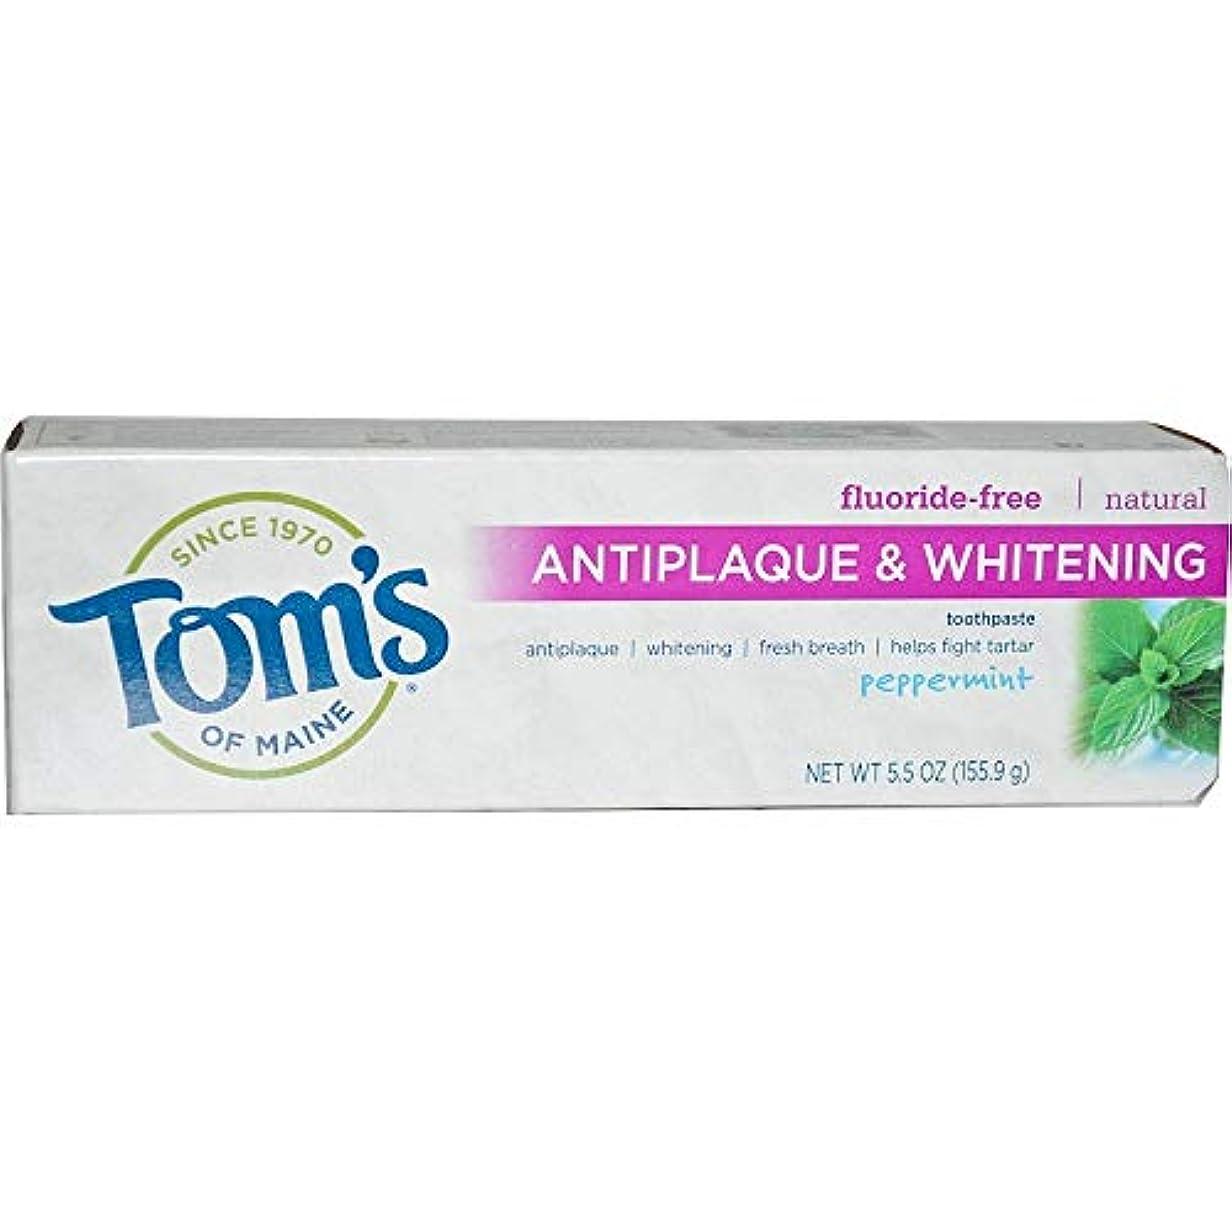 不名誉微生物骨折<ペパーミント>アンチプラーク&ホワイトニング ハミガキ粉(フッ素フリー)155.9g入りX 5 Pack [並行輸入品]